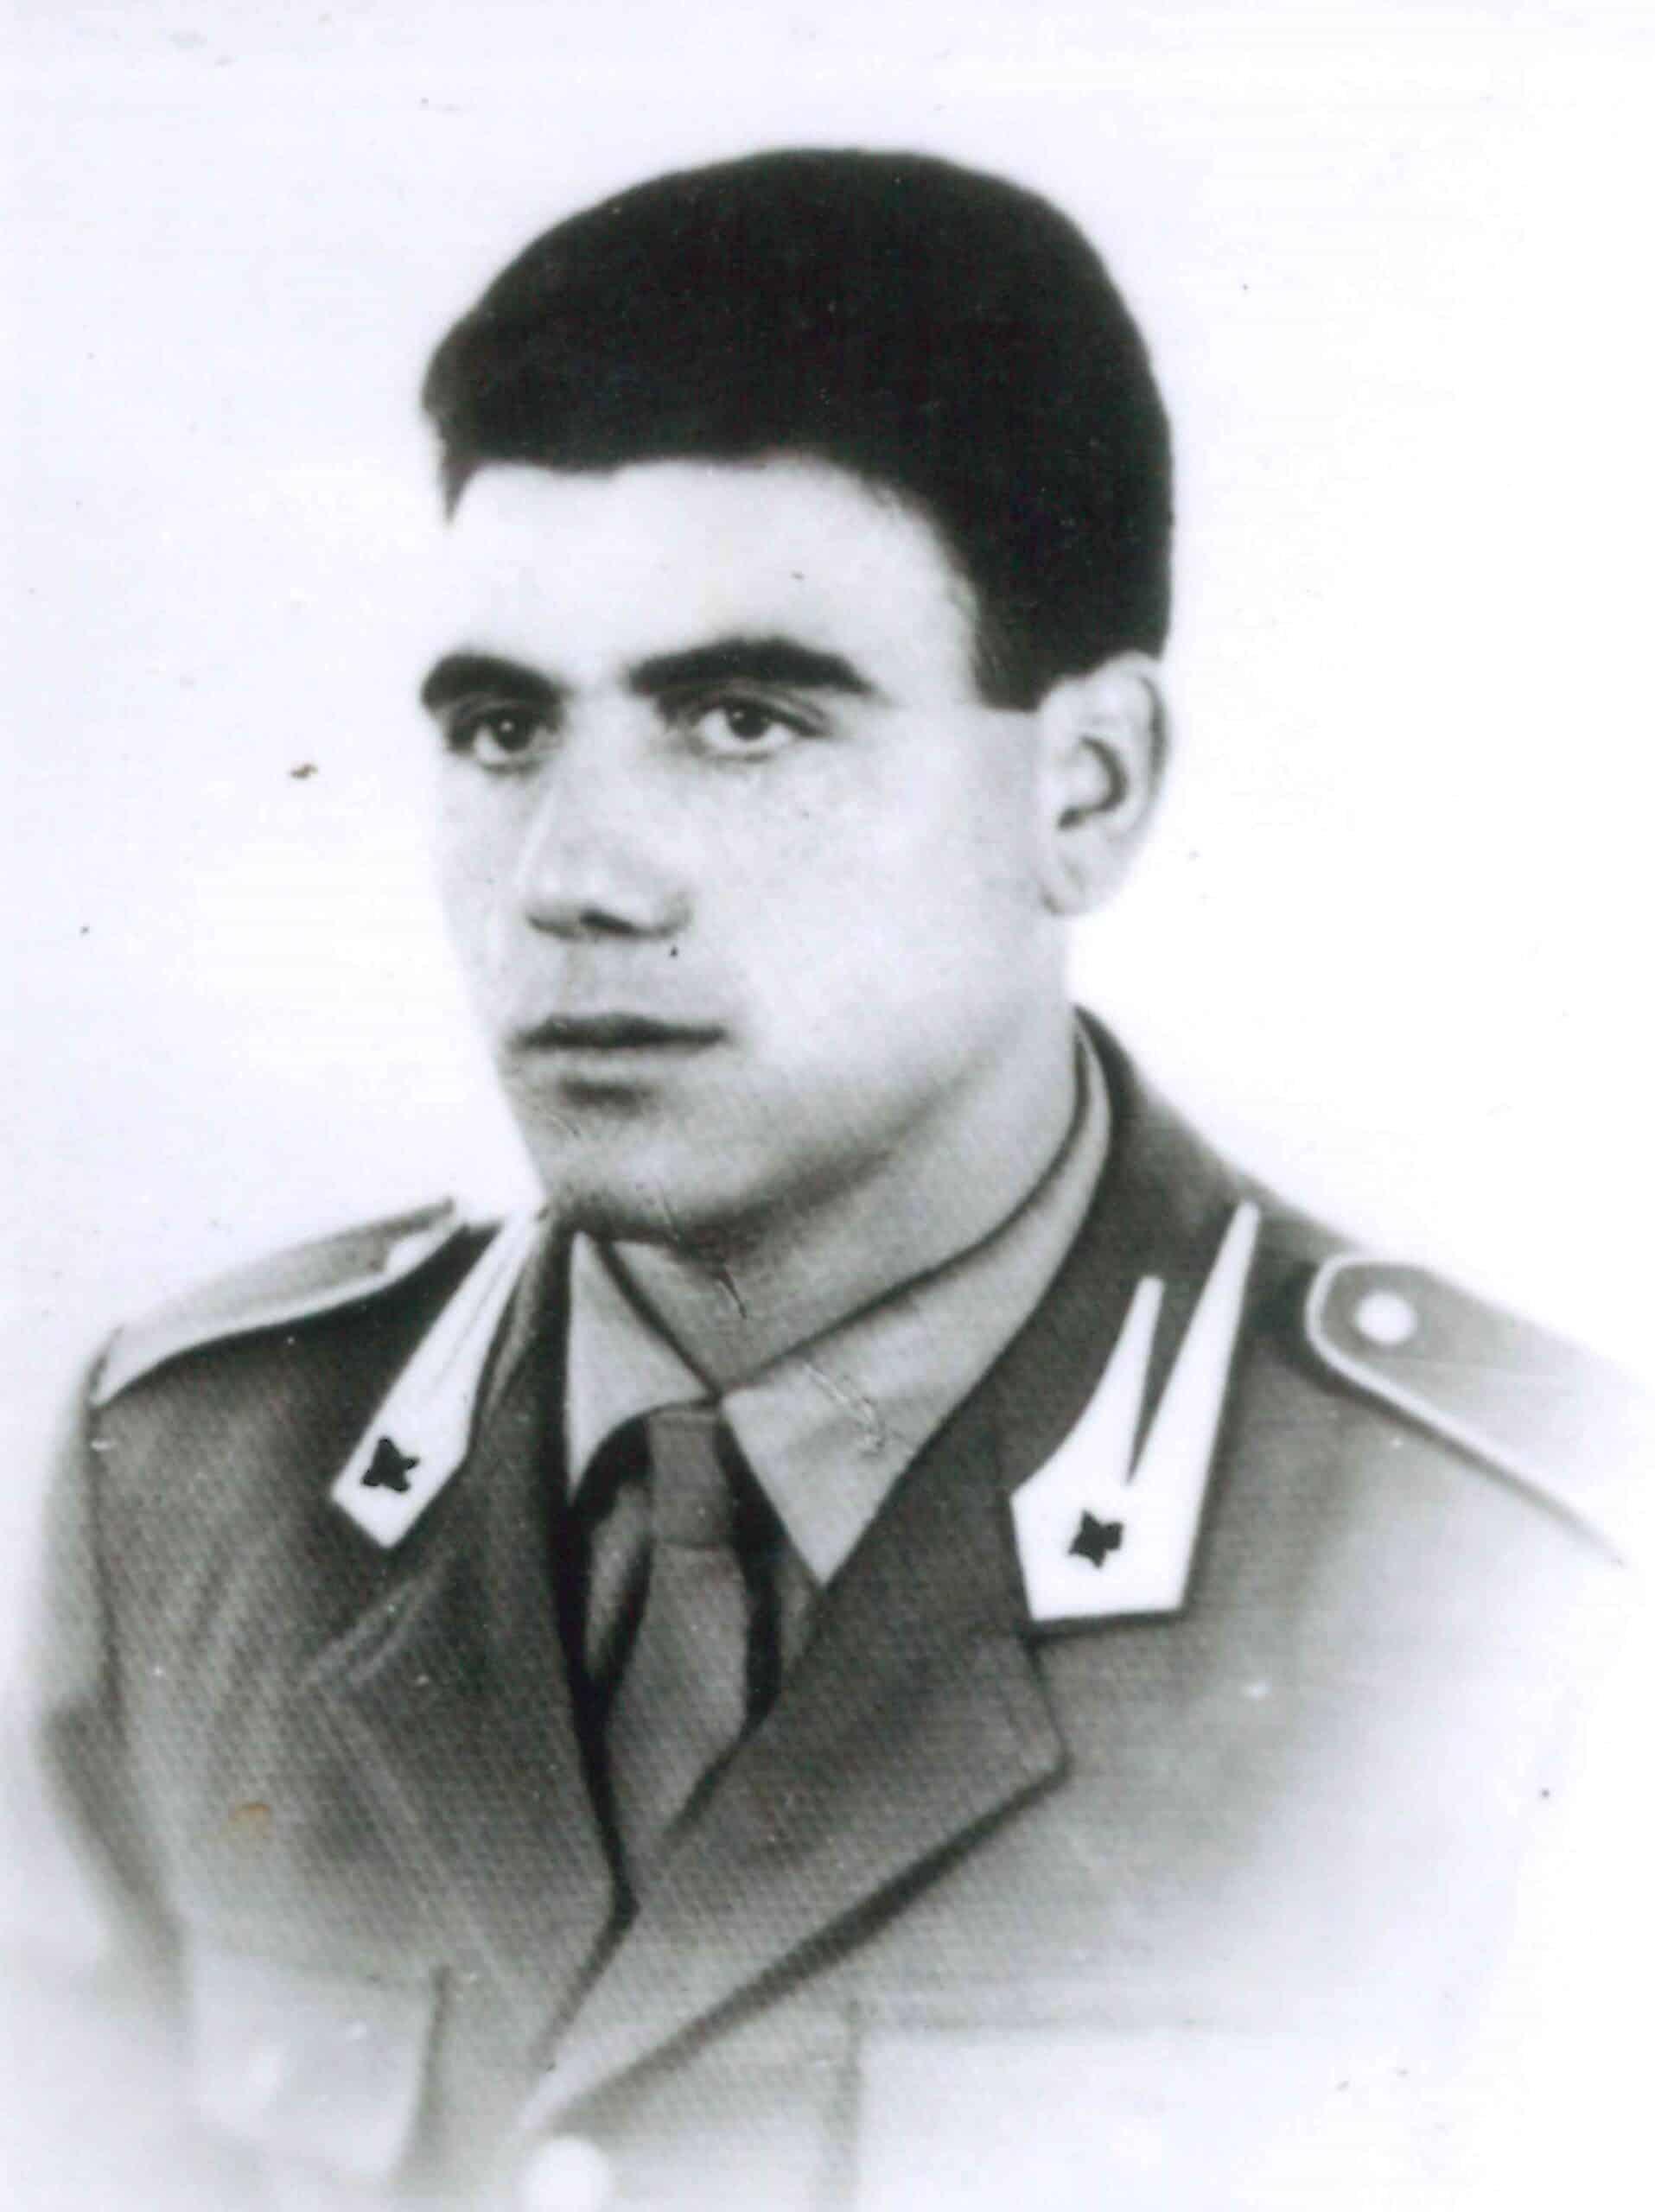 Dario Cinus